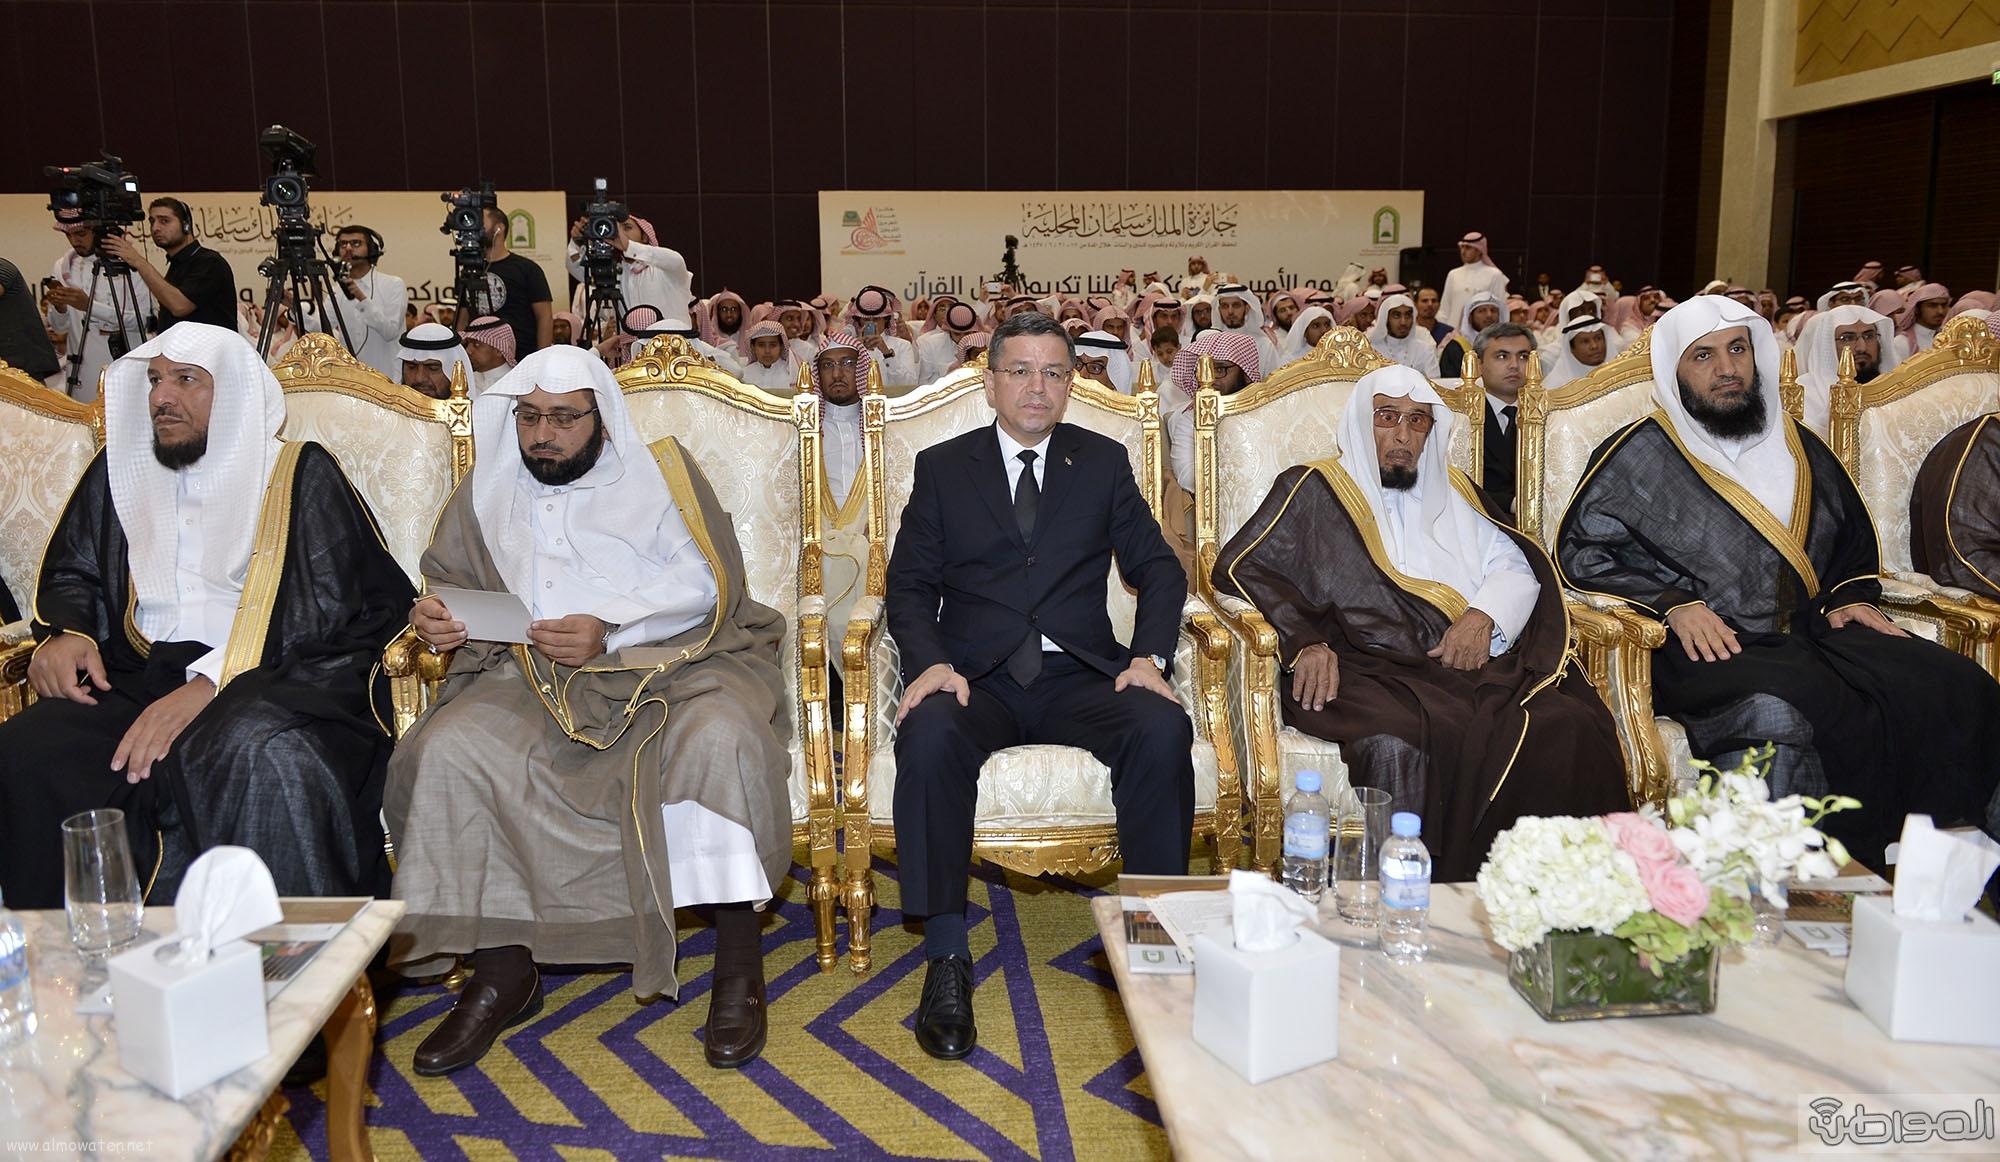 امير منطقة الرياض يرعى حفل اختتام مسابقة جائزة الملك سلمان لحفظ القران الكريم (8)